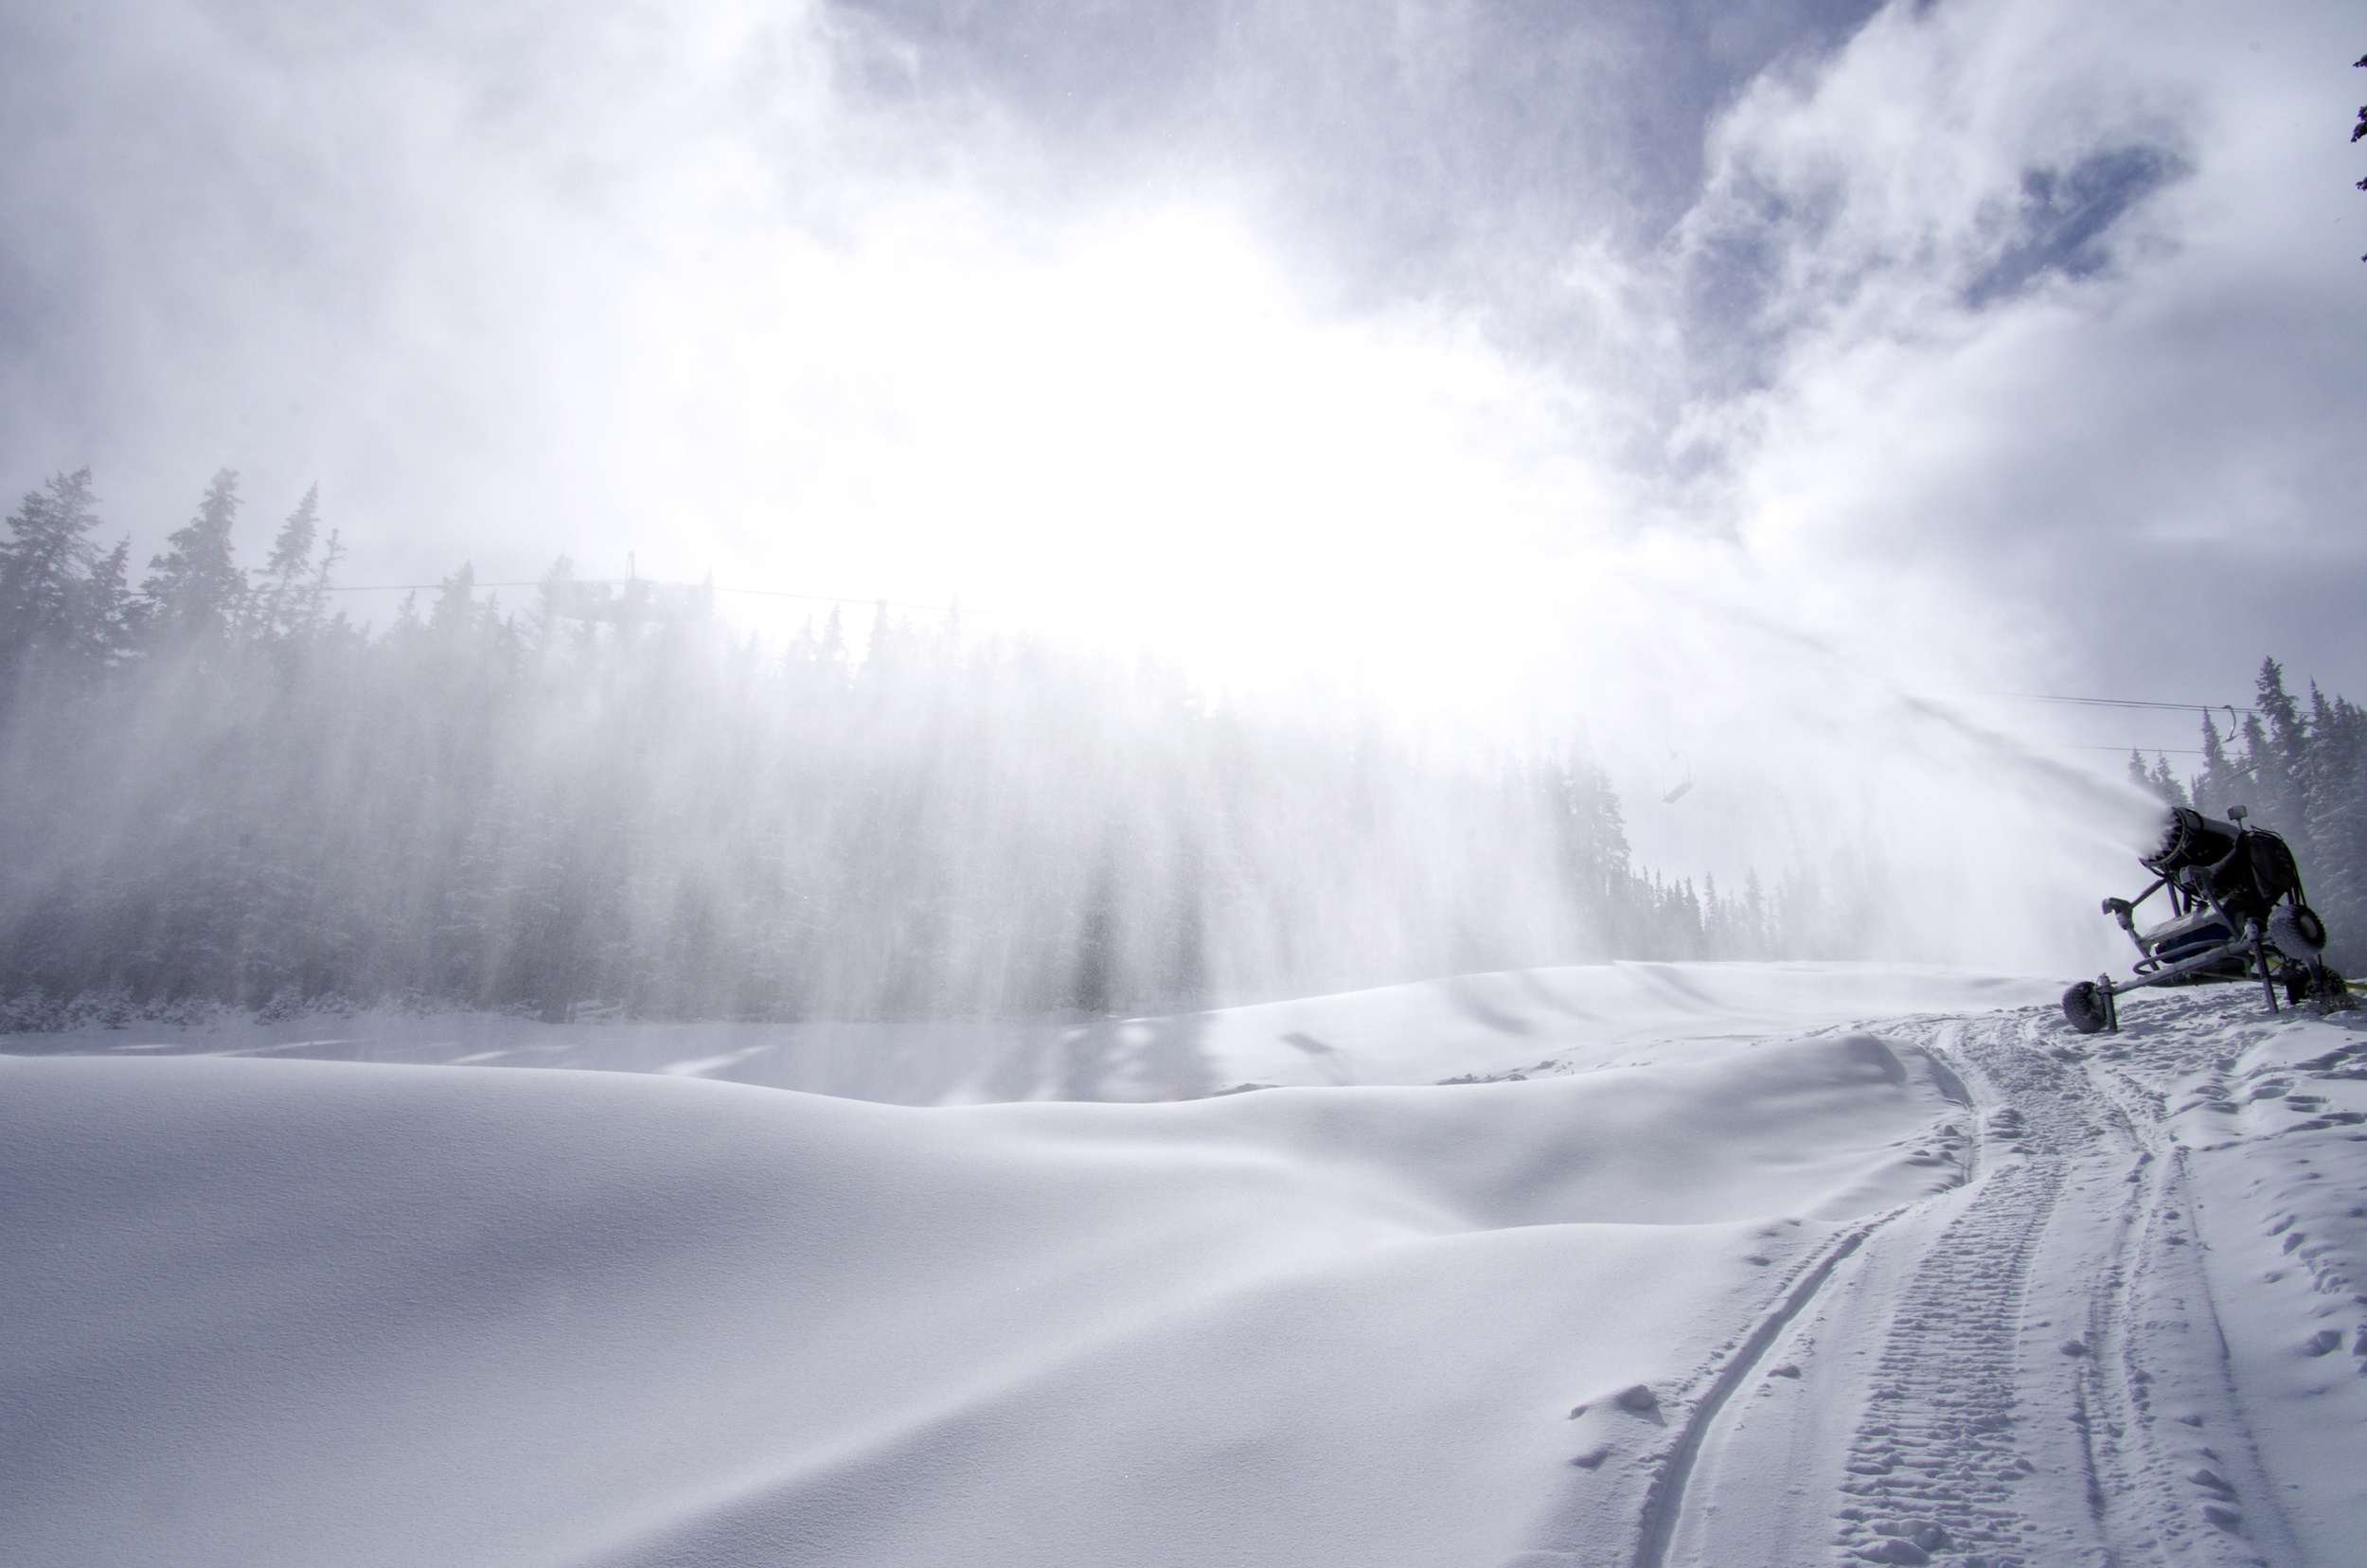 Snowmaking for the 13/14 season P: Dustin Schaefer courtesy of Loveland Ski Area